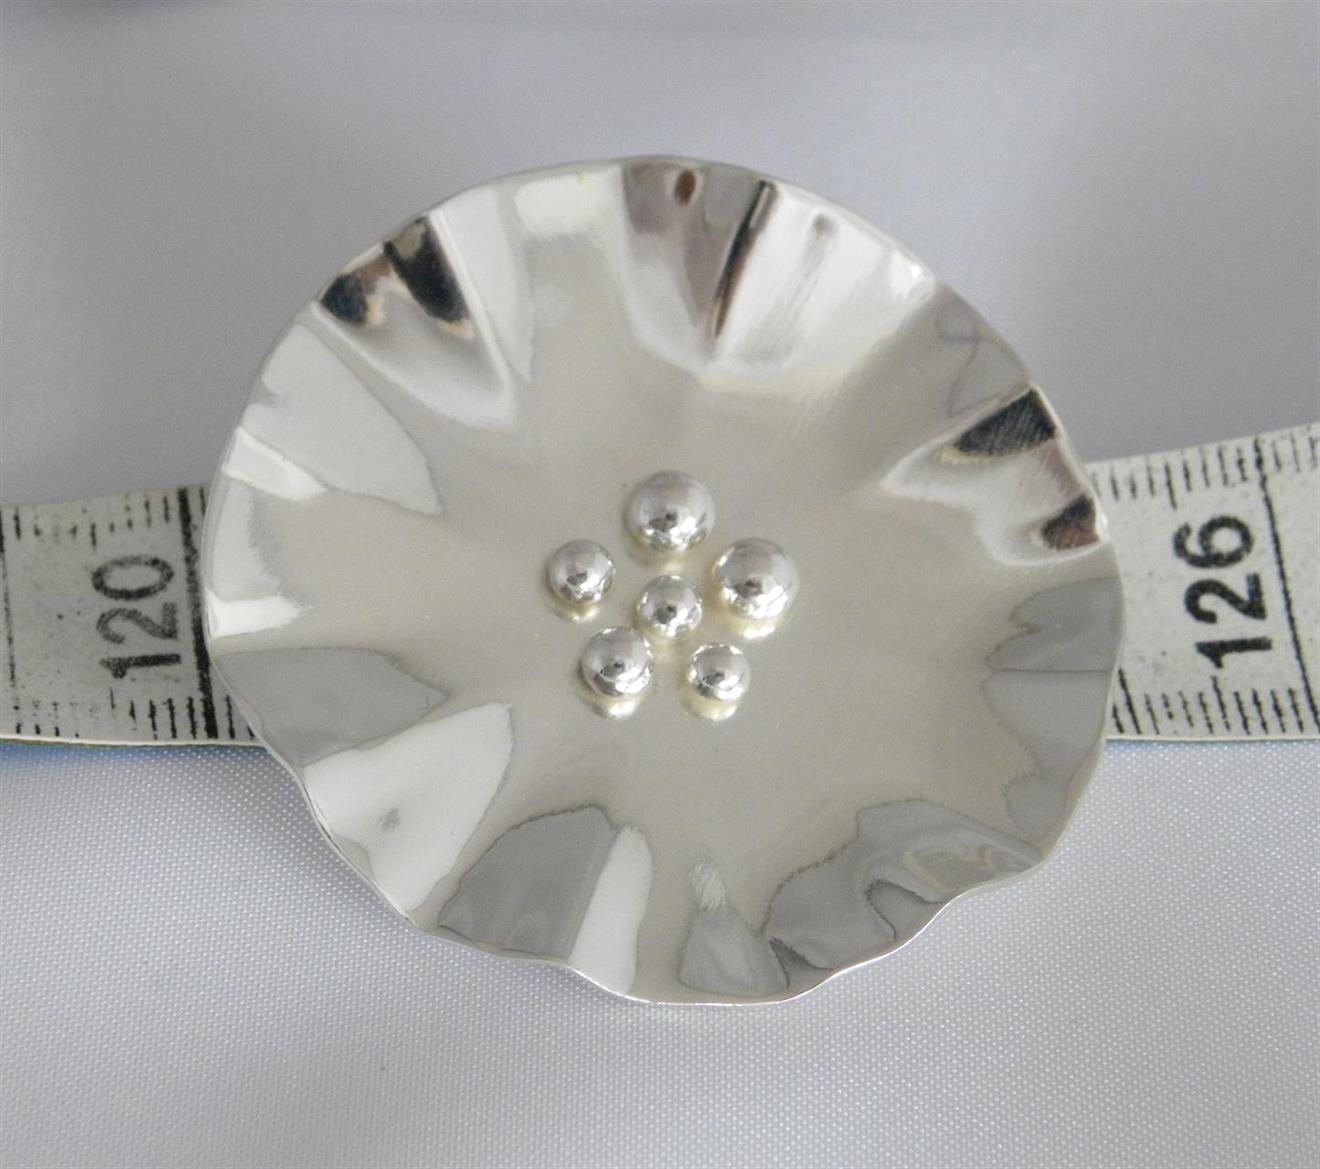 Brosch i silver med blommotiv